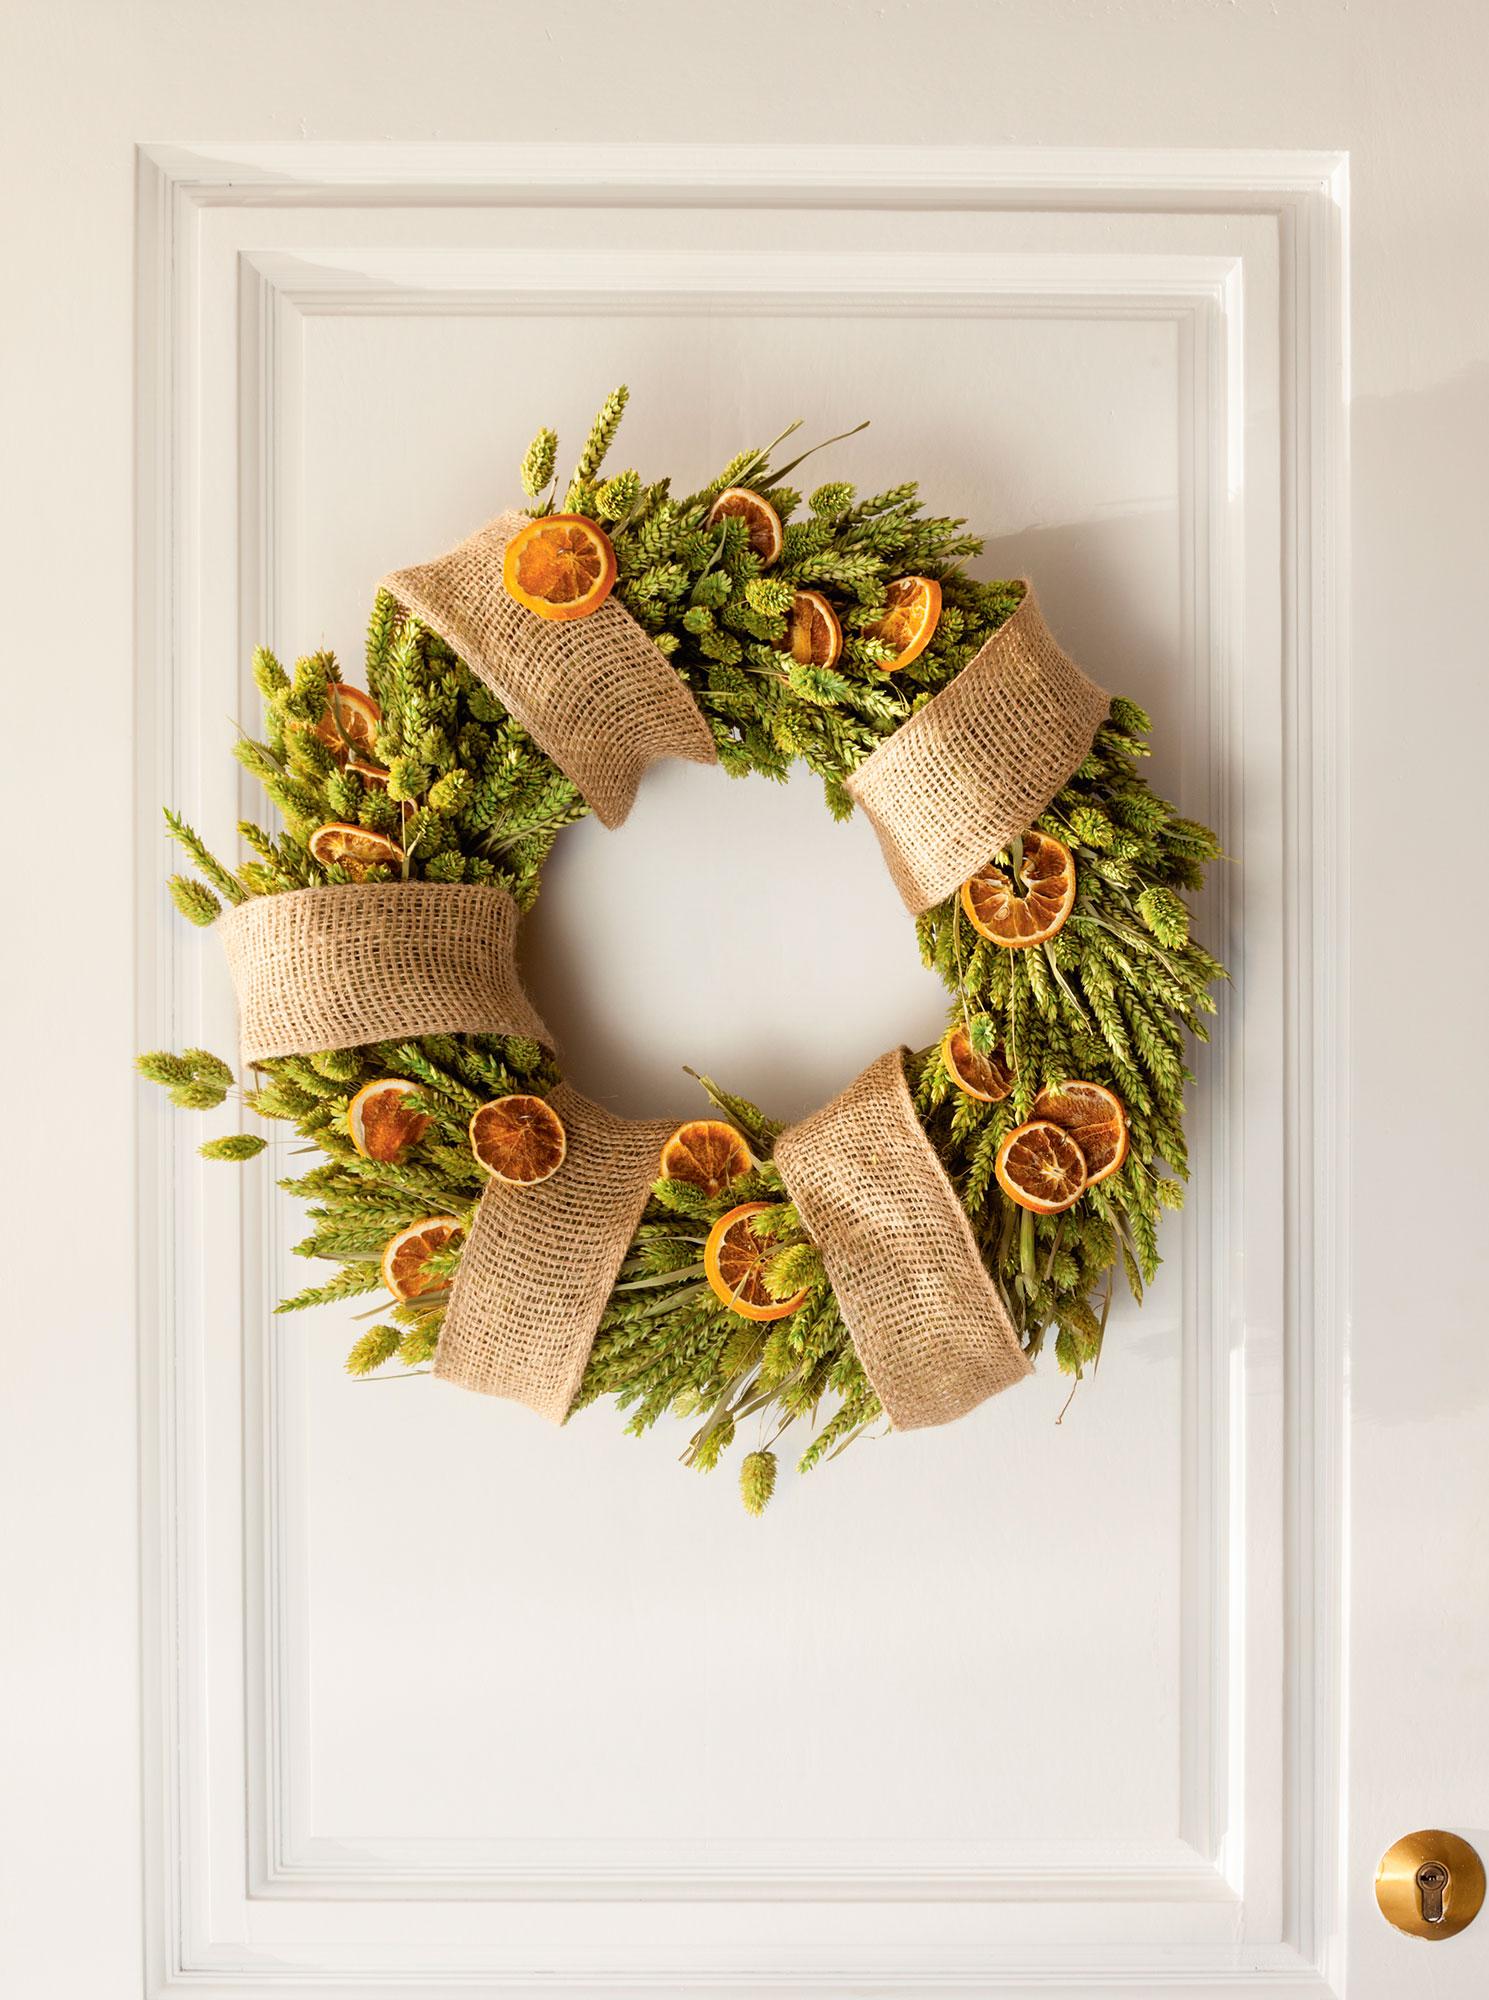 Navidad ideas para decorar de verde natural tu recibidor - Guirnaldas navidad manualidades ...